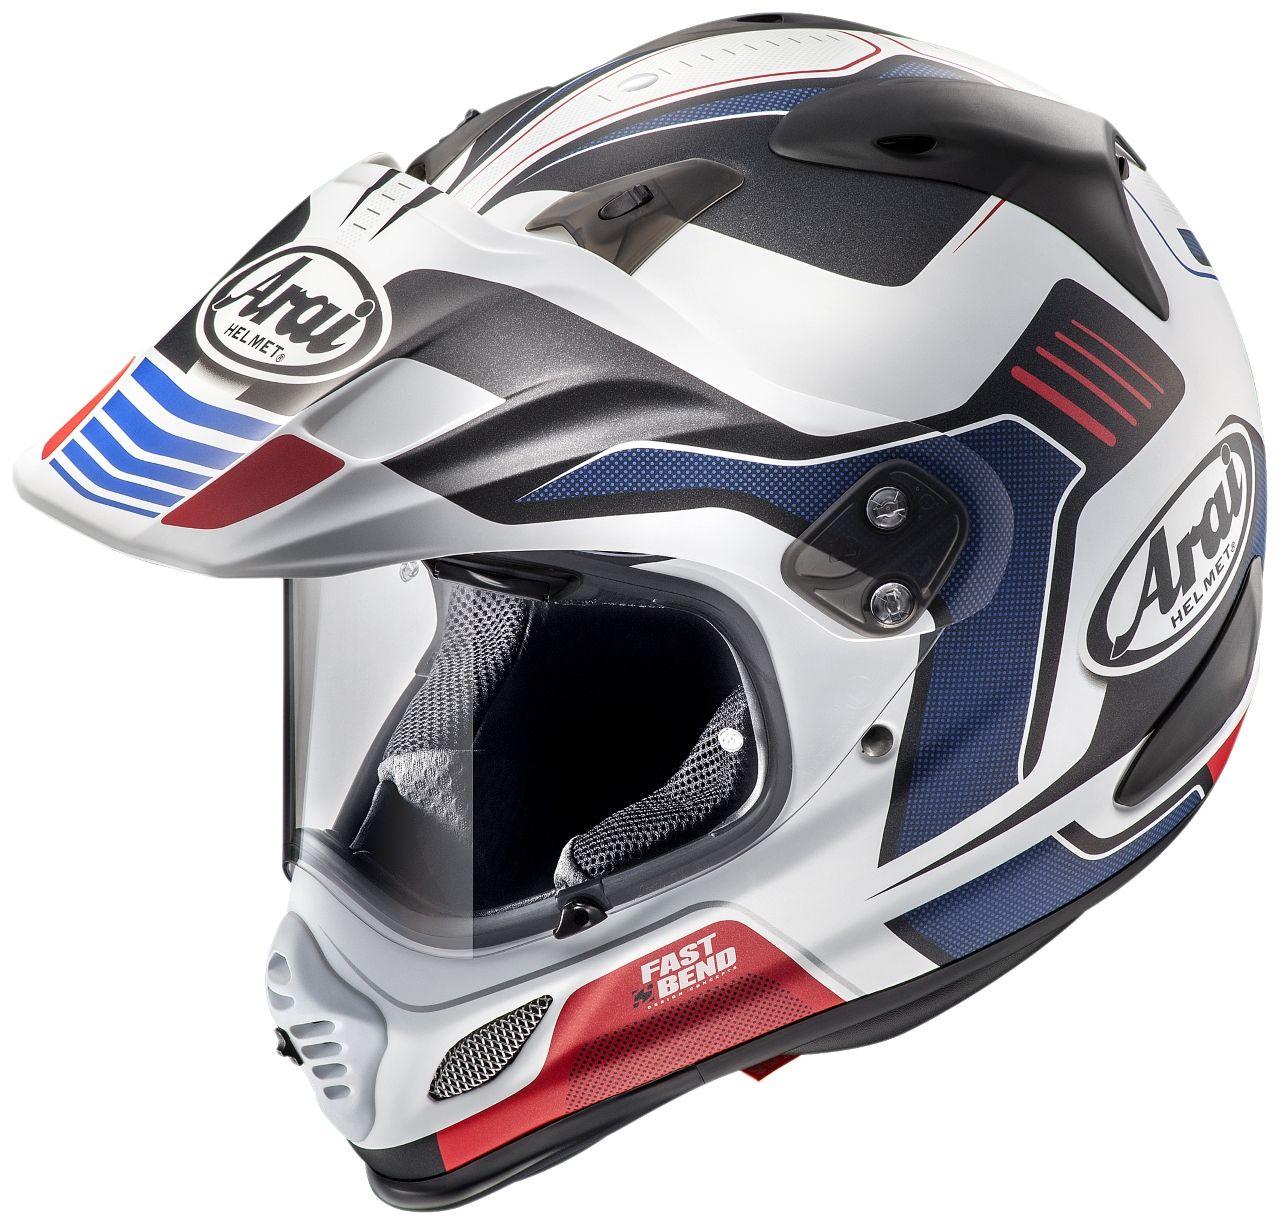 TOUR-CROSS 3 (XD4) VISION [Red (Matte)] Helmet